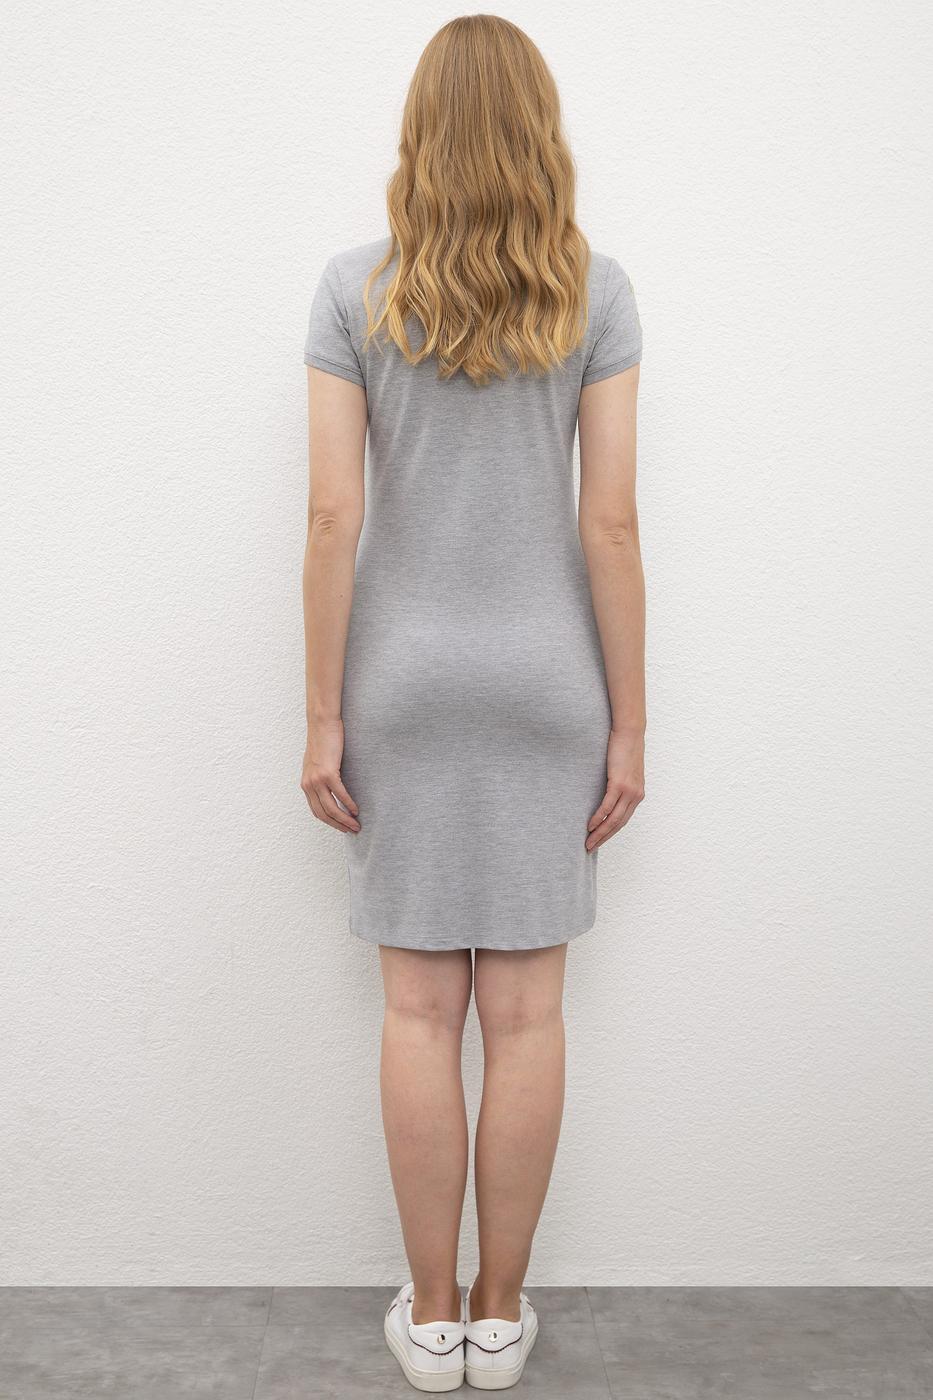 Gri Örme Elbise